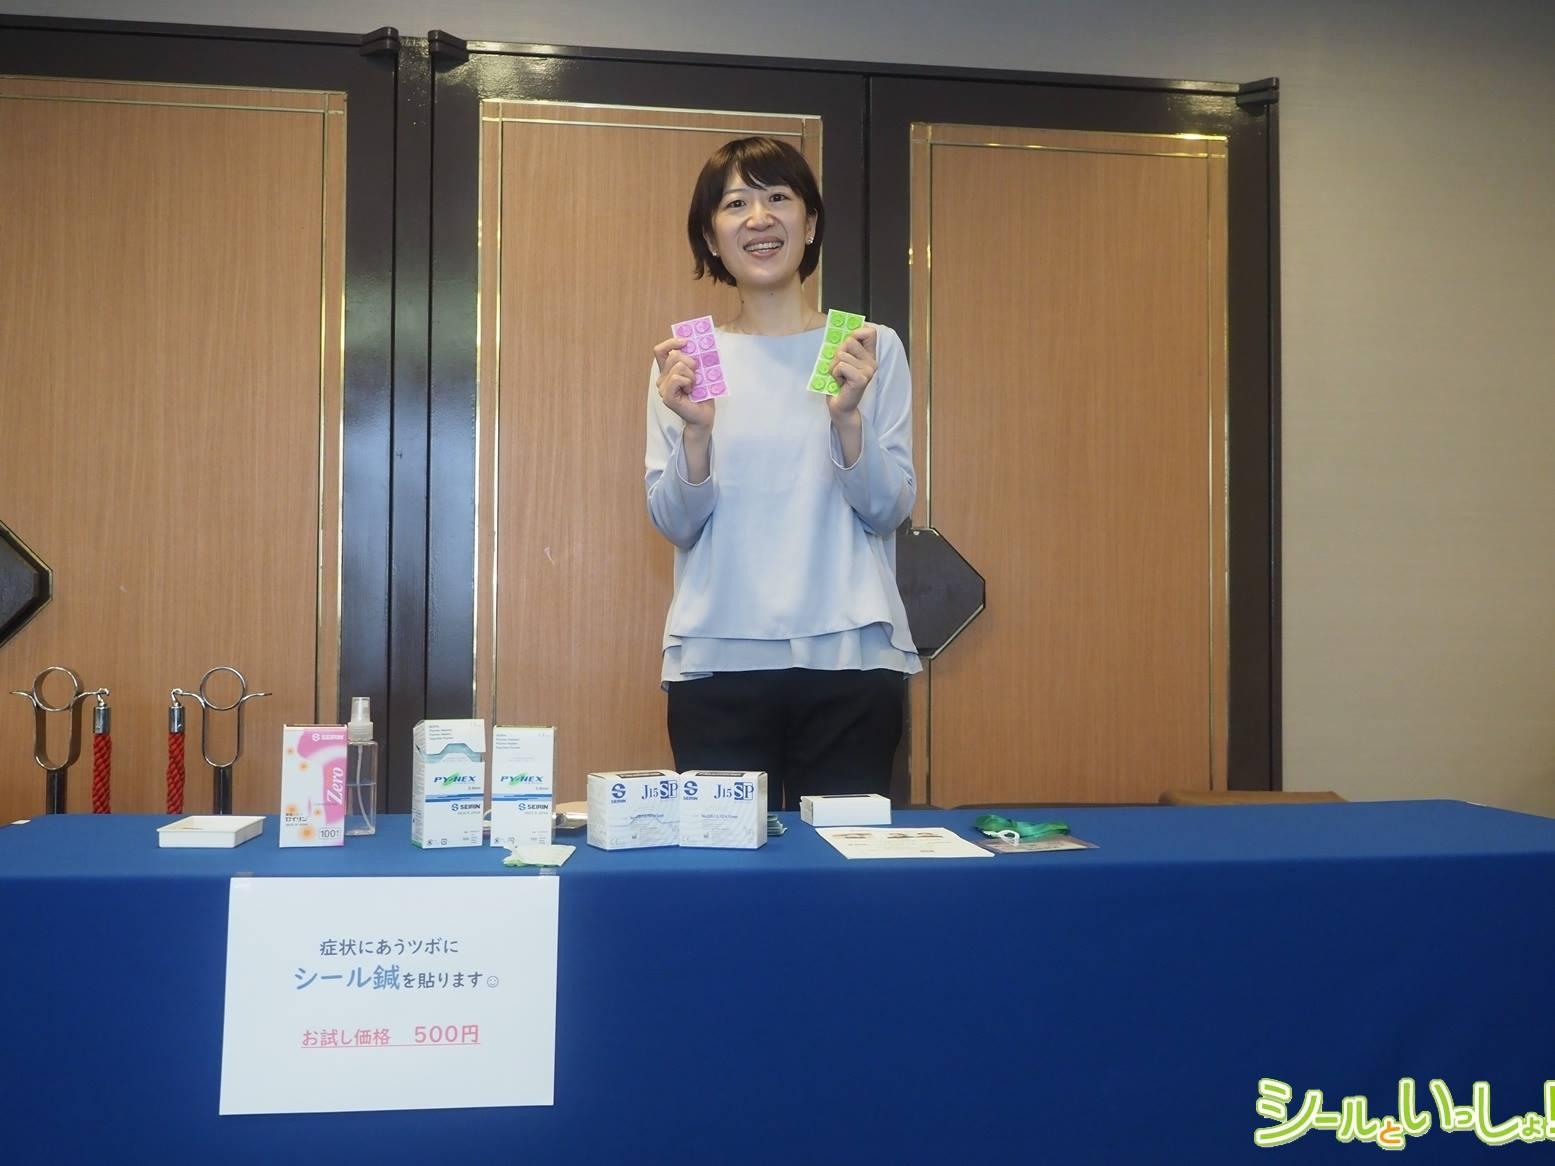 訪問鍼灸・美容鍼灸サロンおざき 尾崎さん